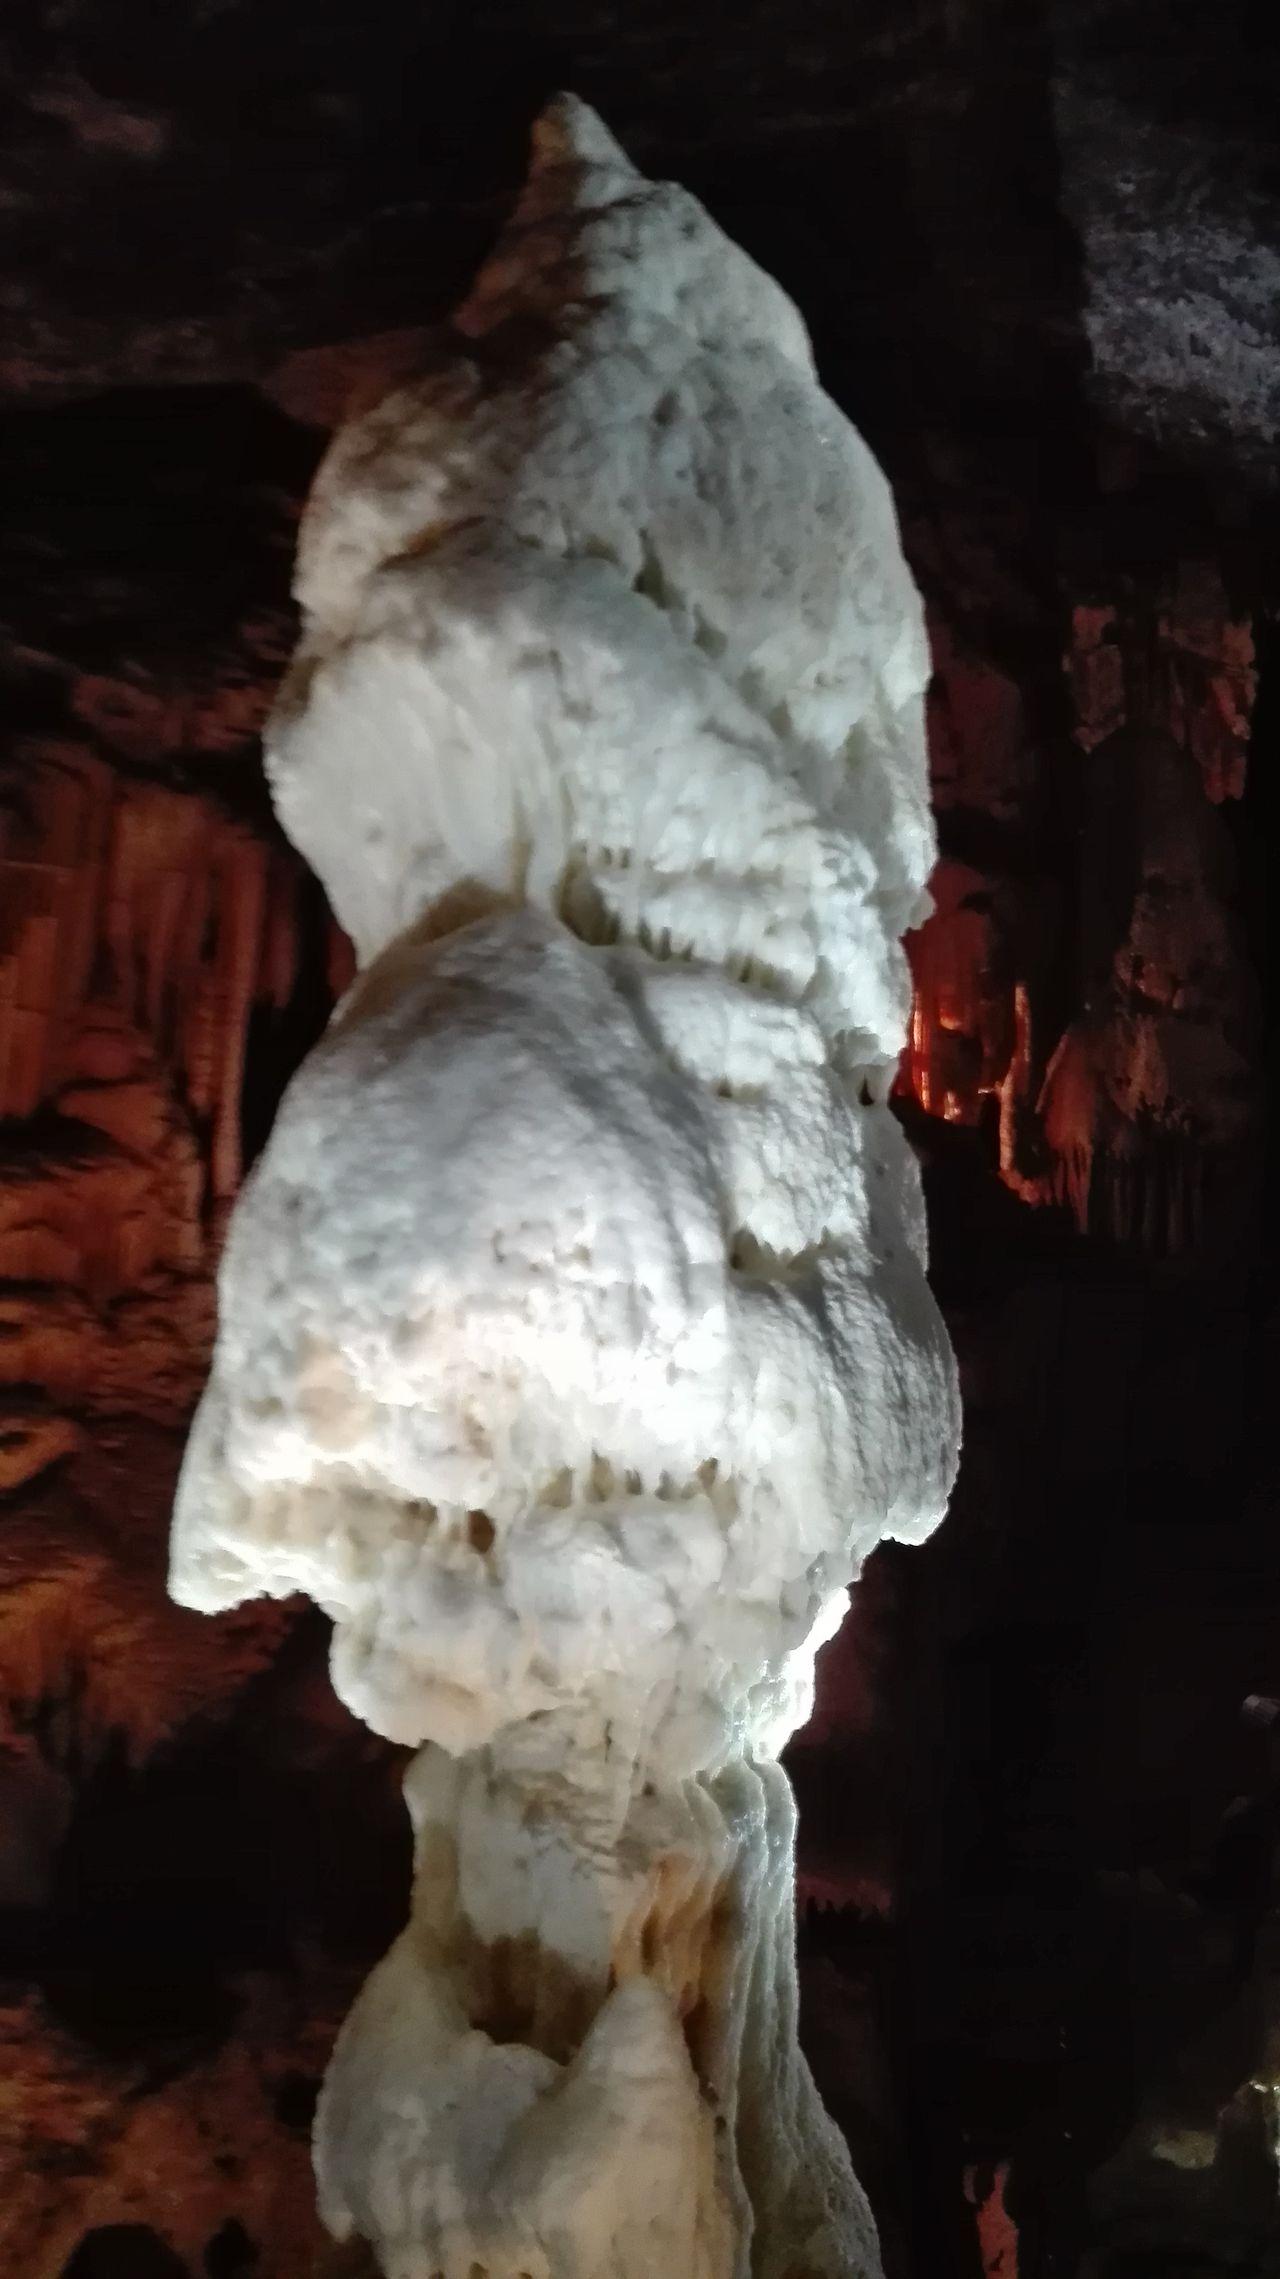 Tropfsteinhöhle Postojna am 15. März 2016 Höhle Stalactites Stalagmites Tropfsteinhöhle